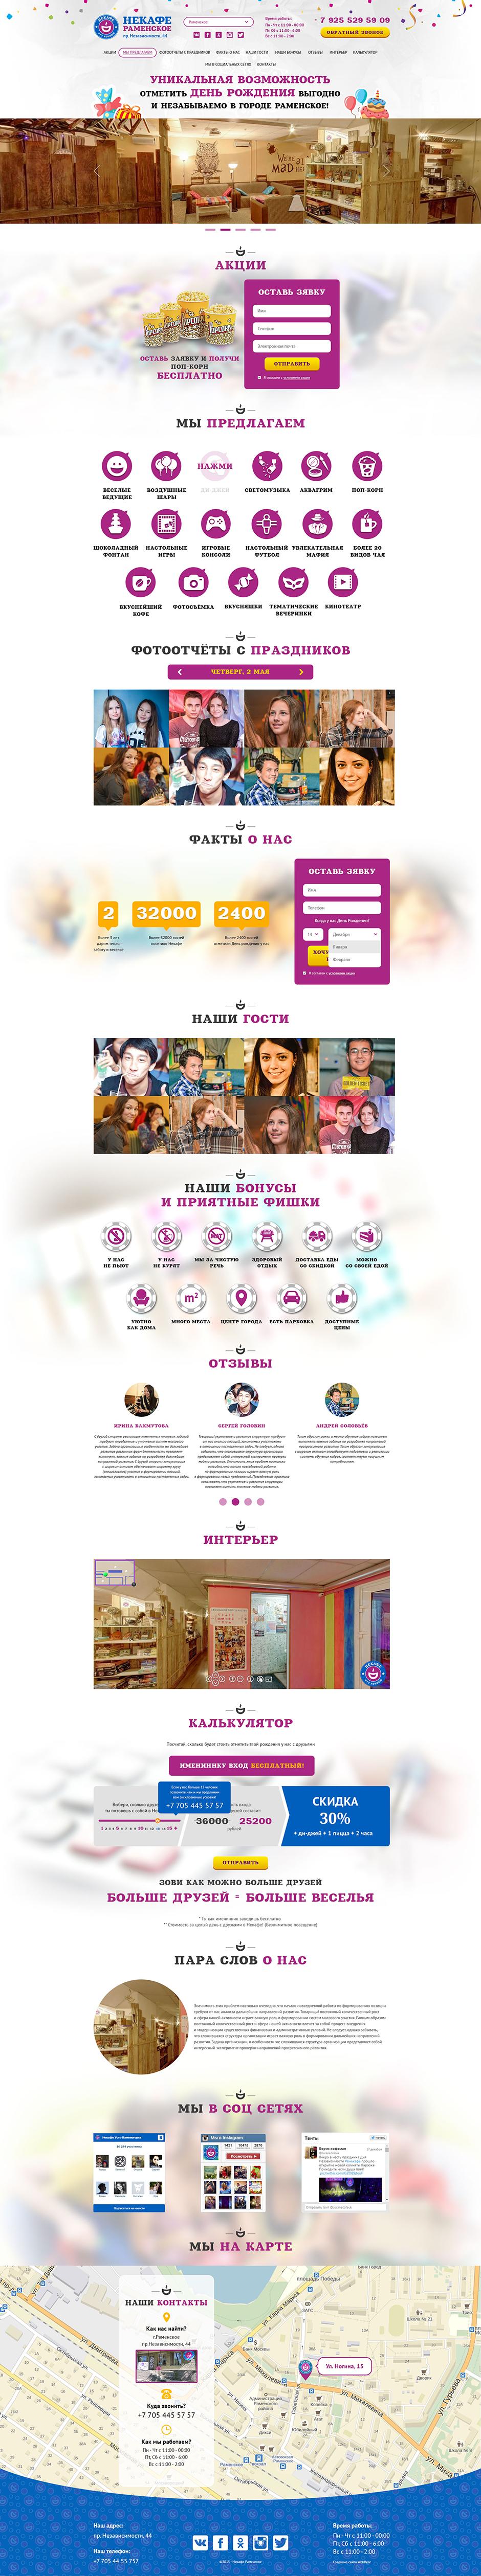 Разработка конструктора сайта для франшизной сети компании Некафе